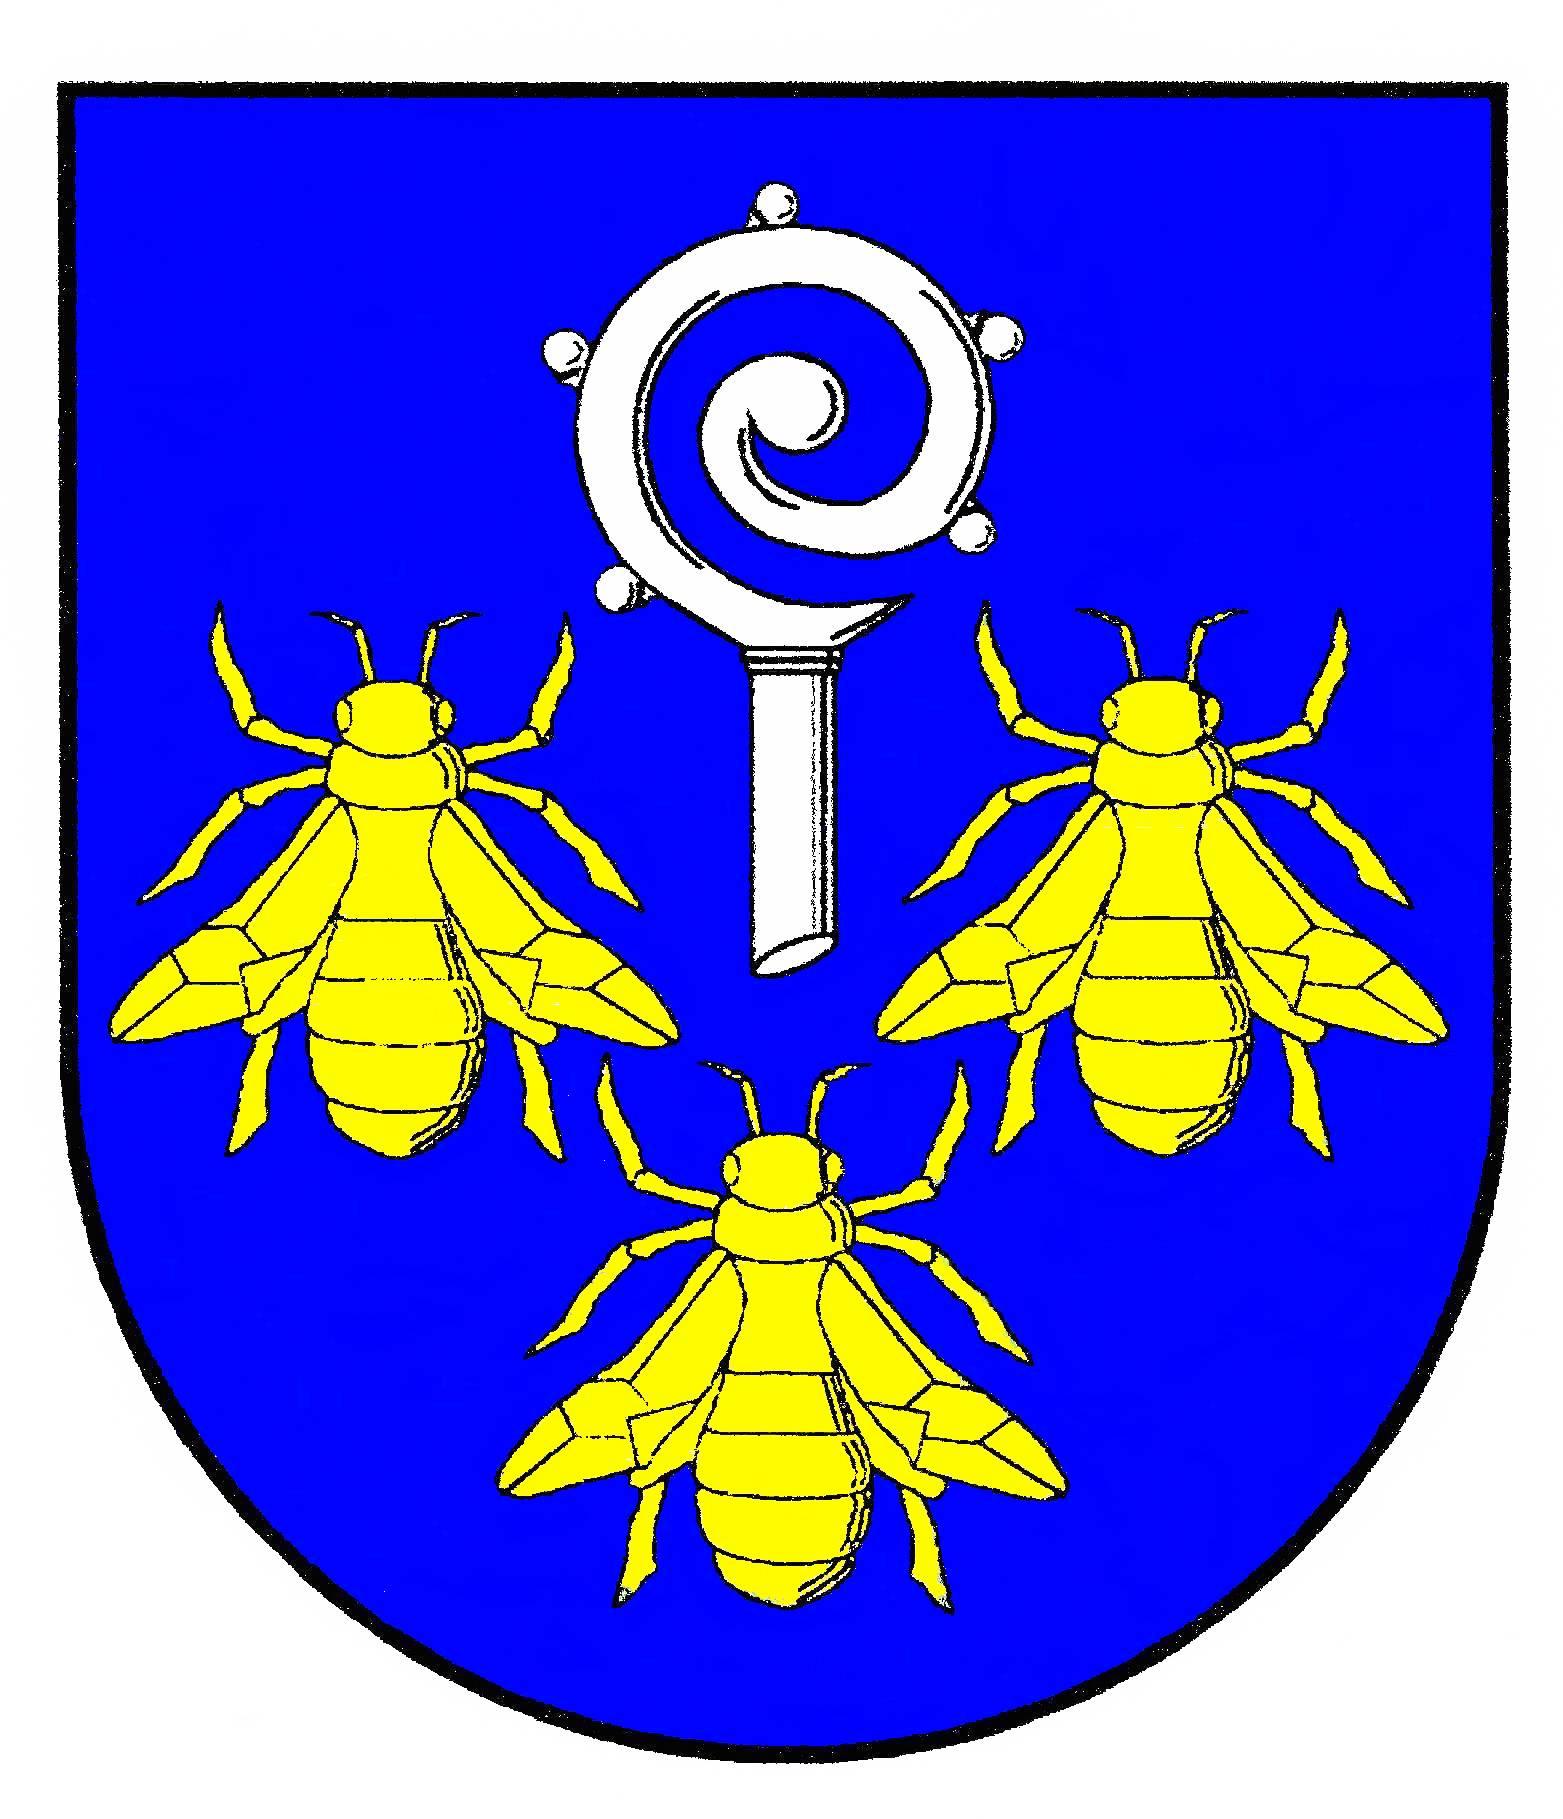 Wappen GemeindeHonigsee, Kreis Plön